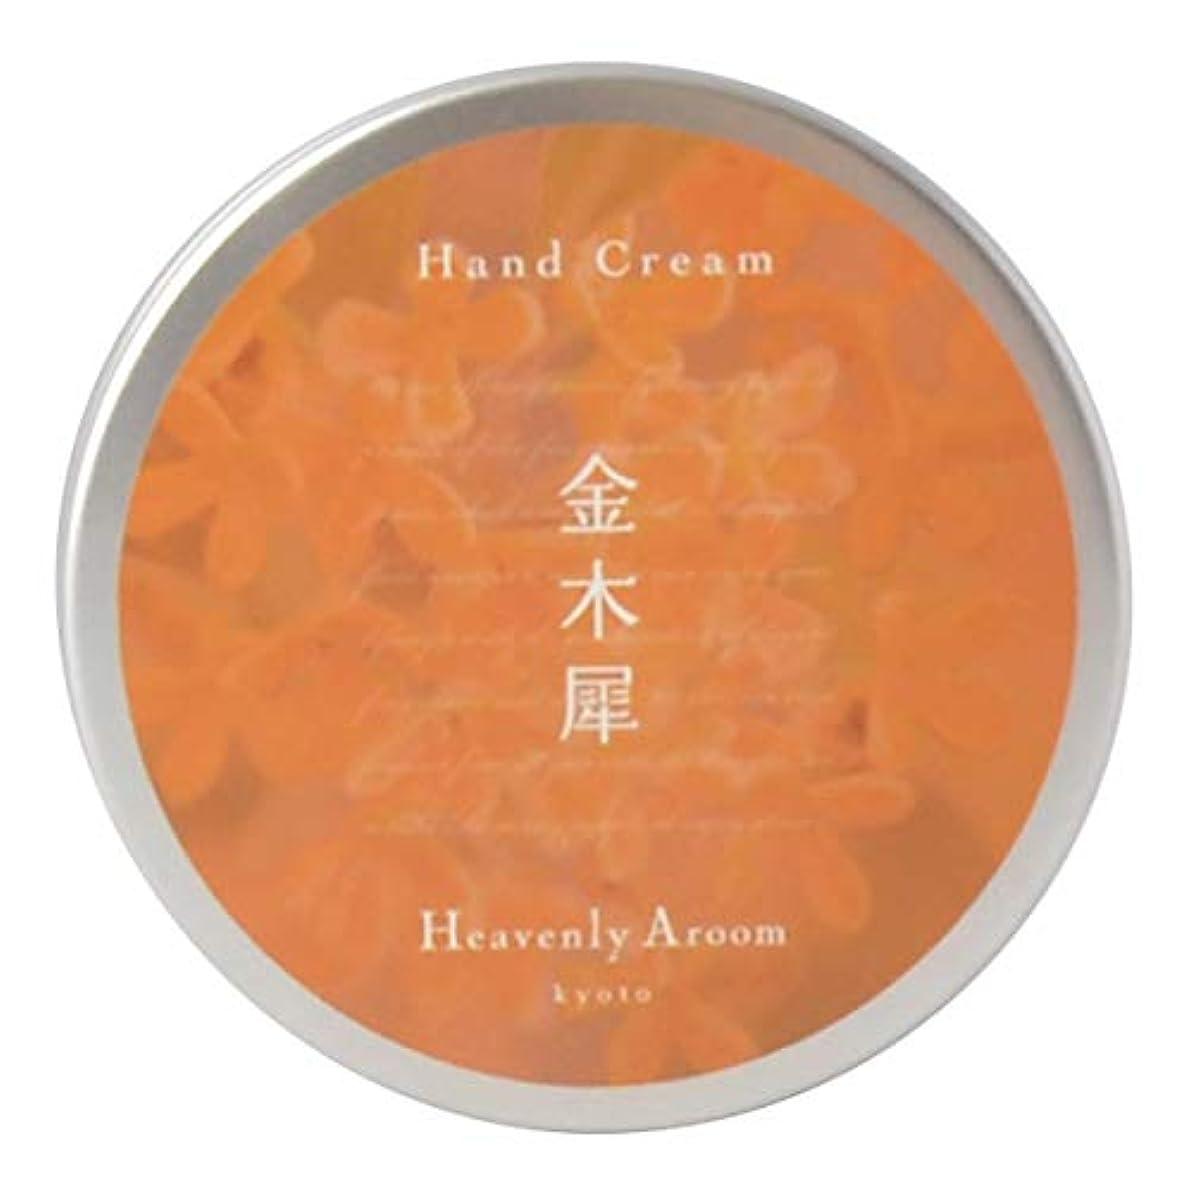 キャロライン巻き取り計算するHeavenly Aroom ハンドクリーム 金木犀 75g